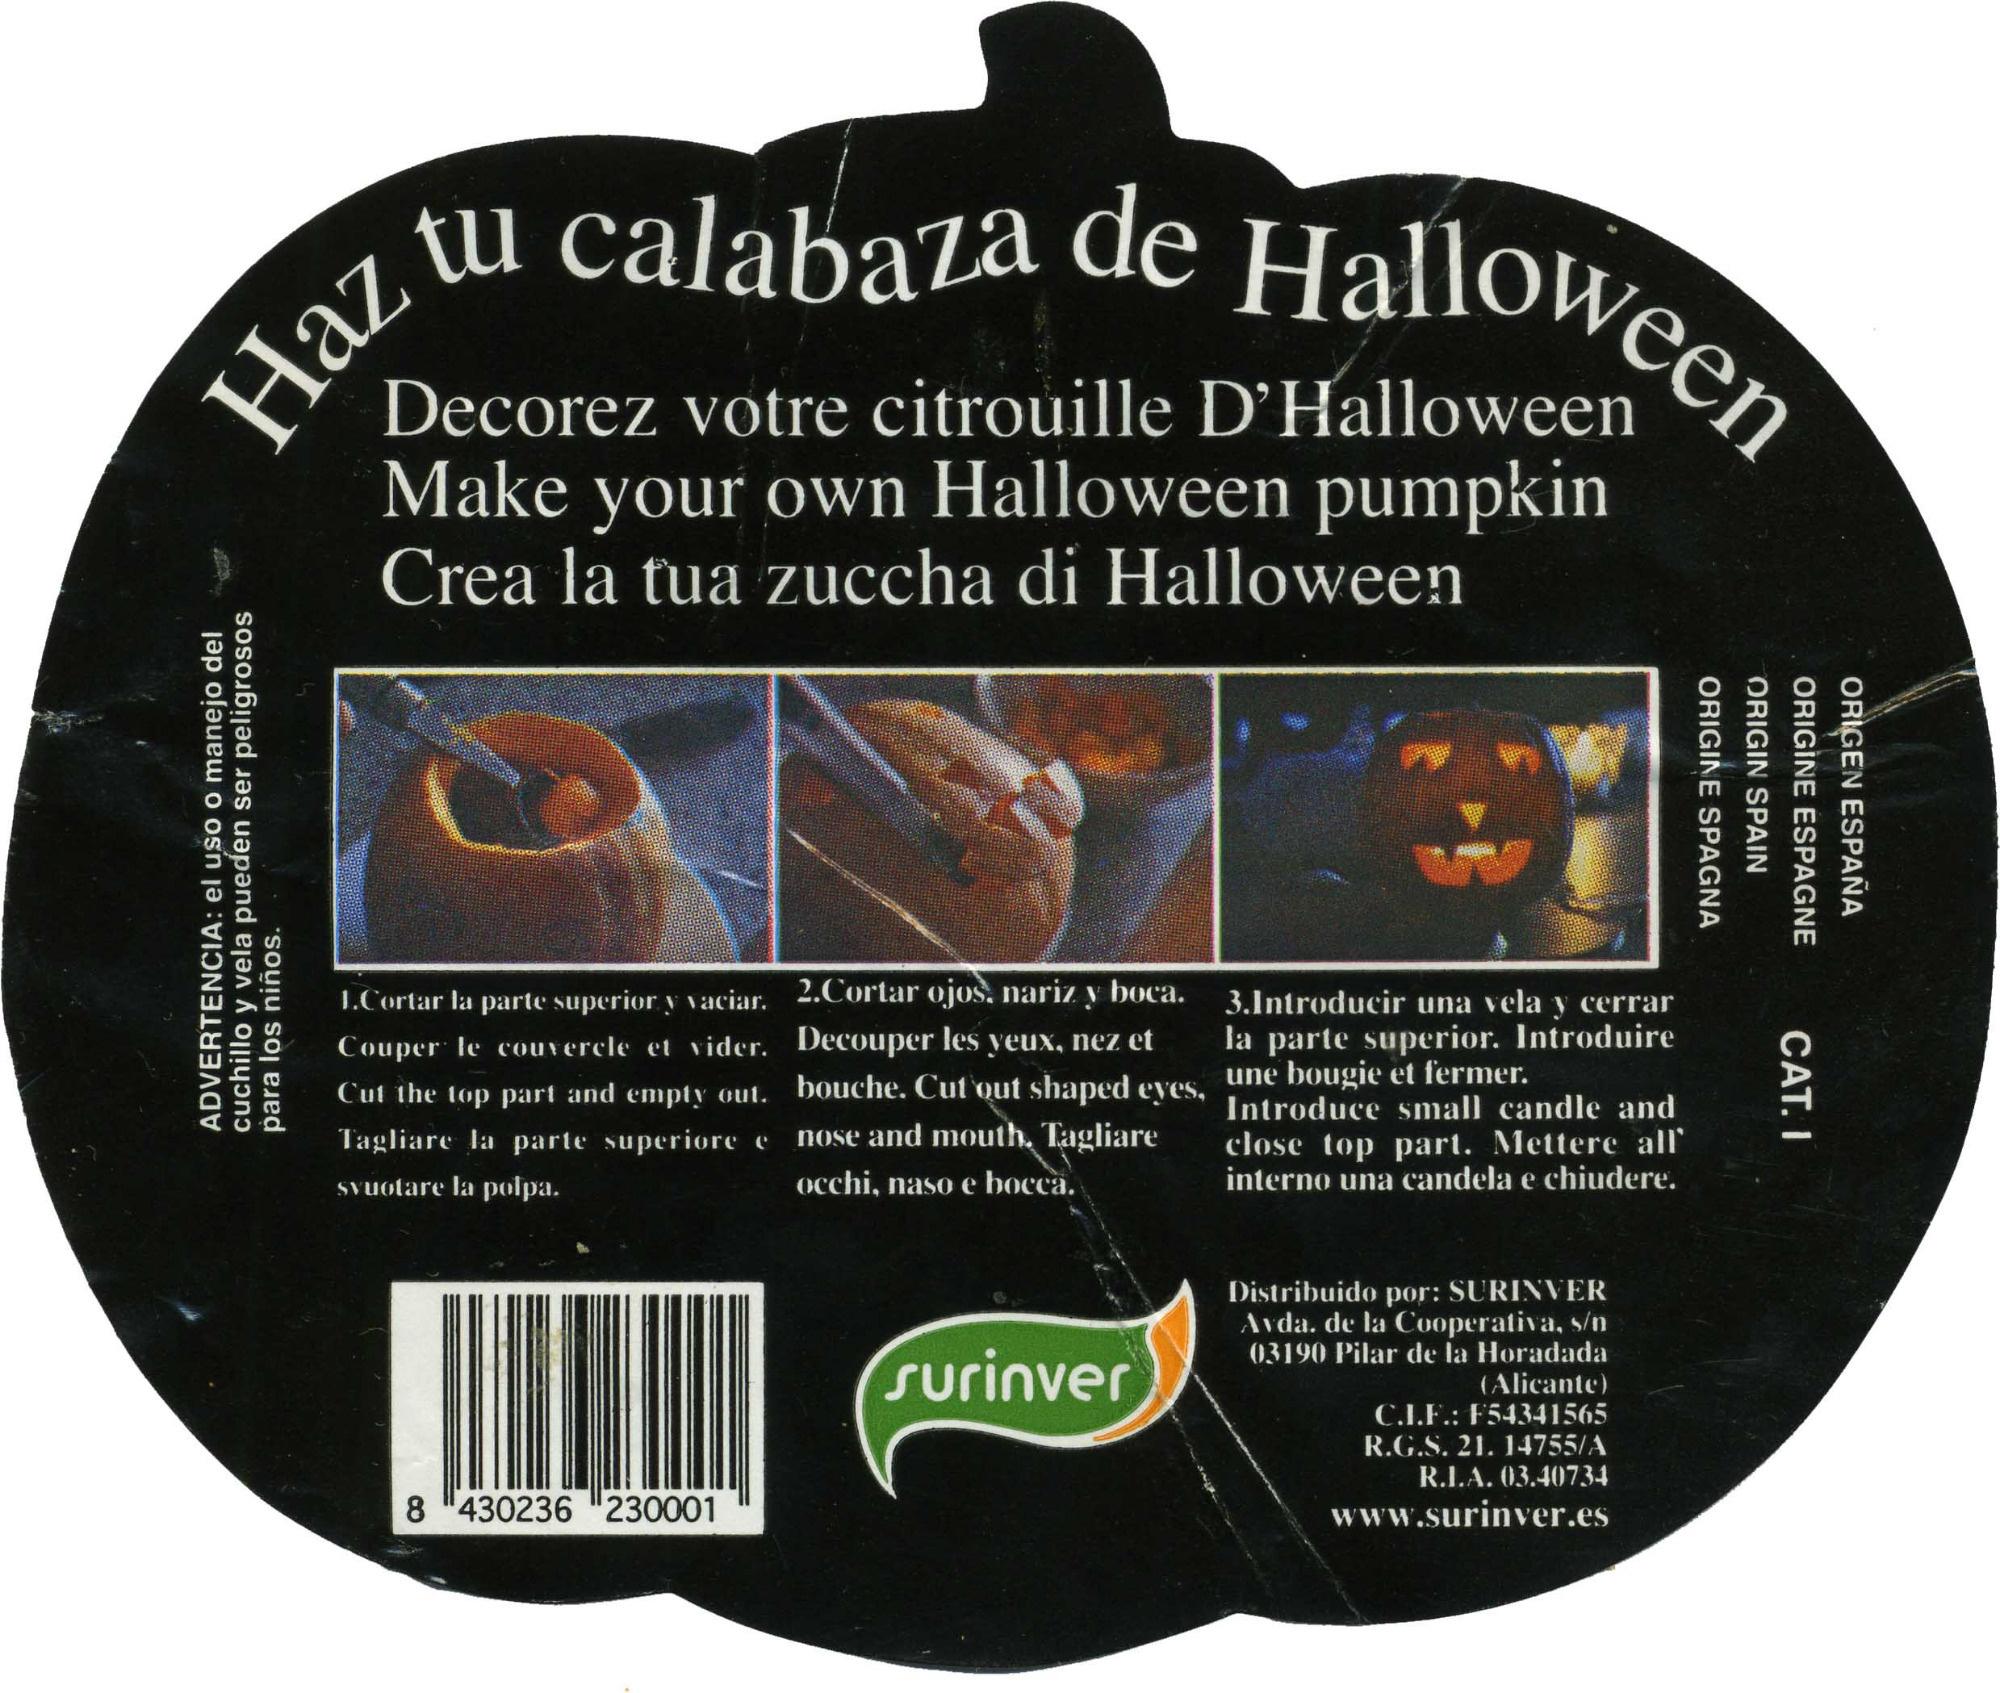 Calabaza de Halloween - Ingredients